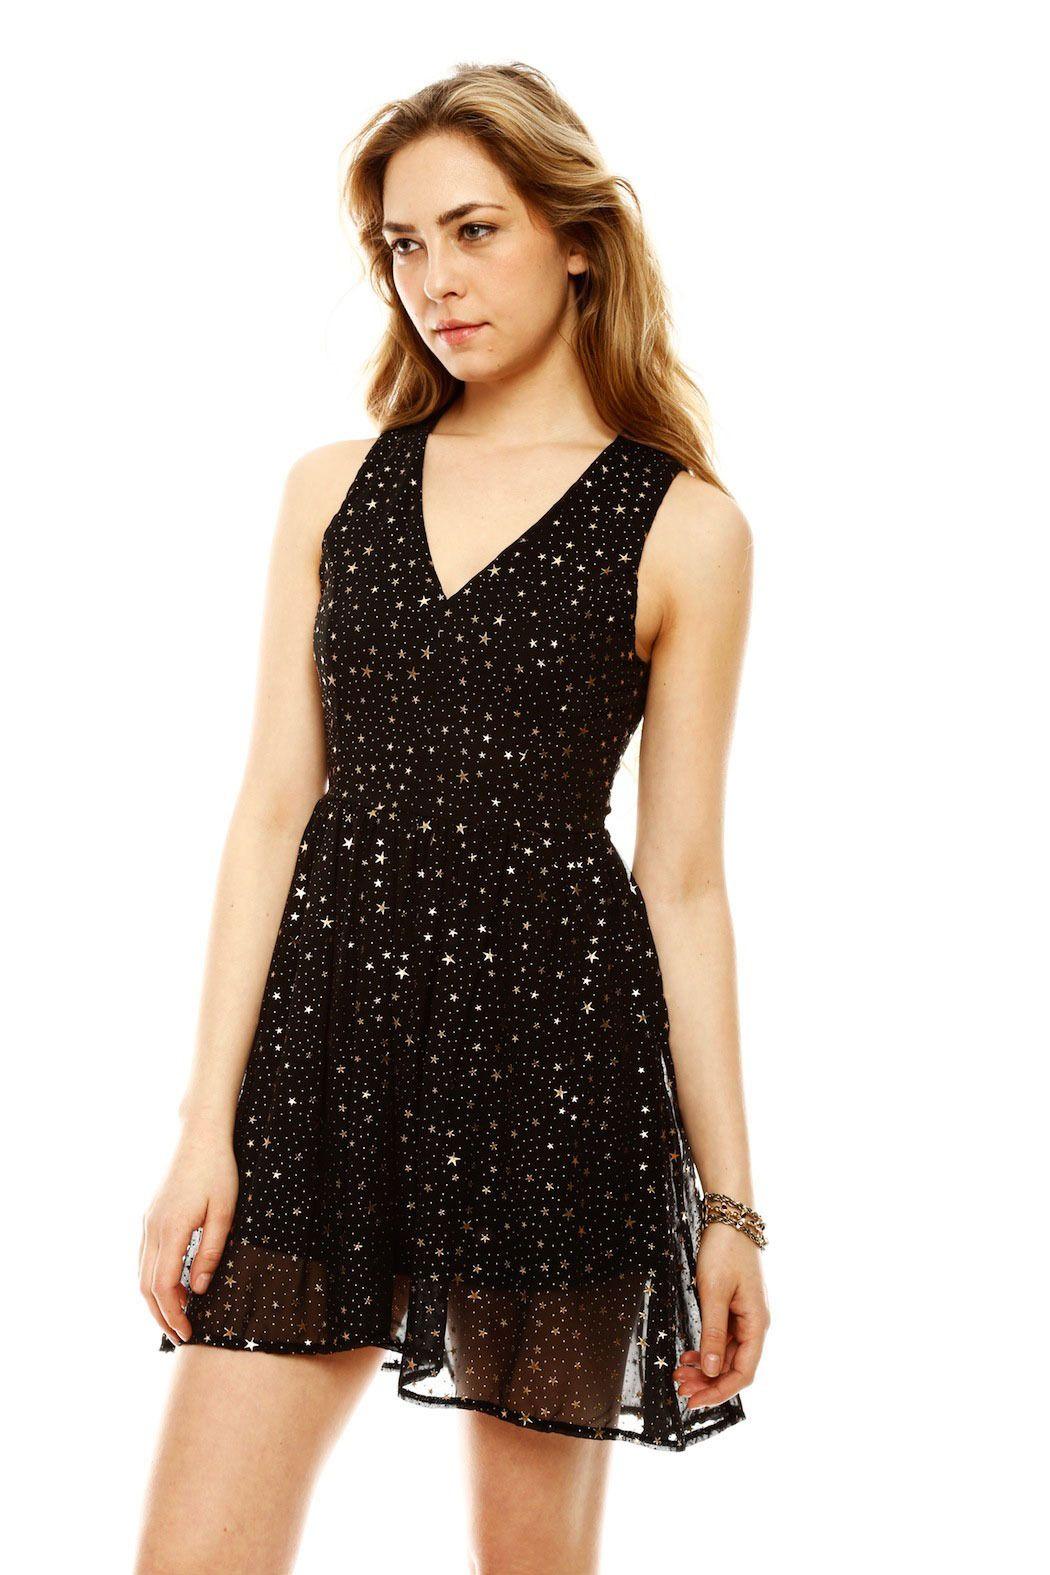 0f6e4e74d54 Star Print Dress